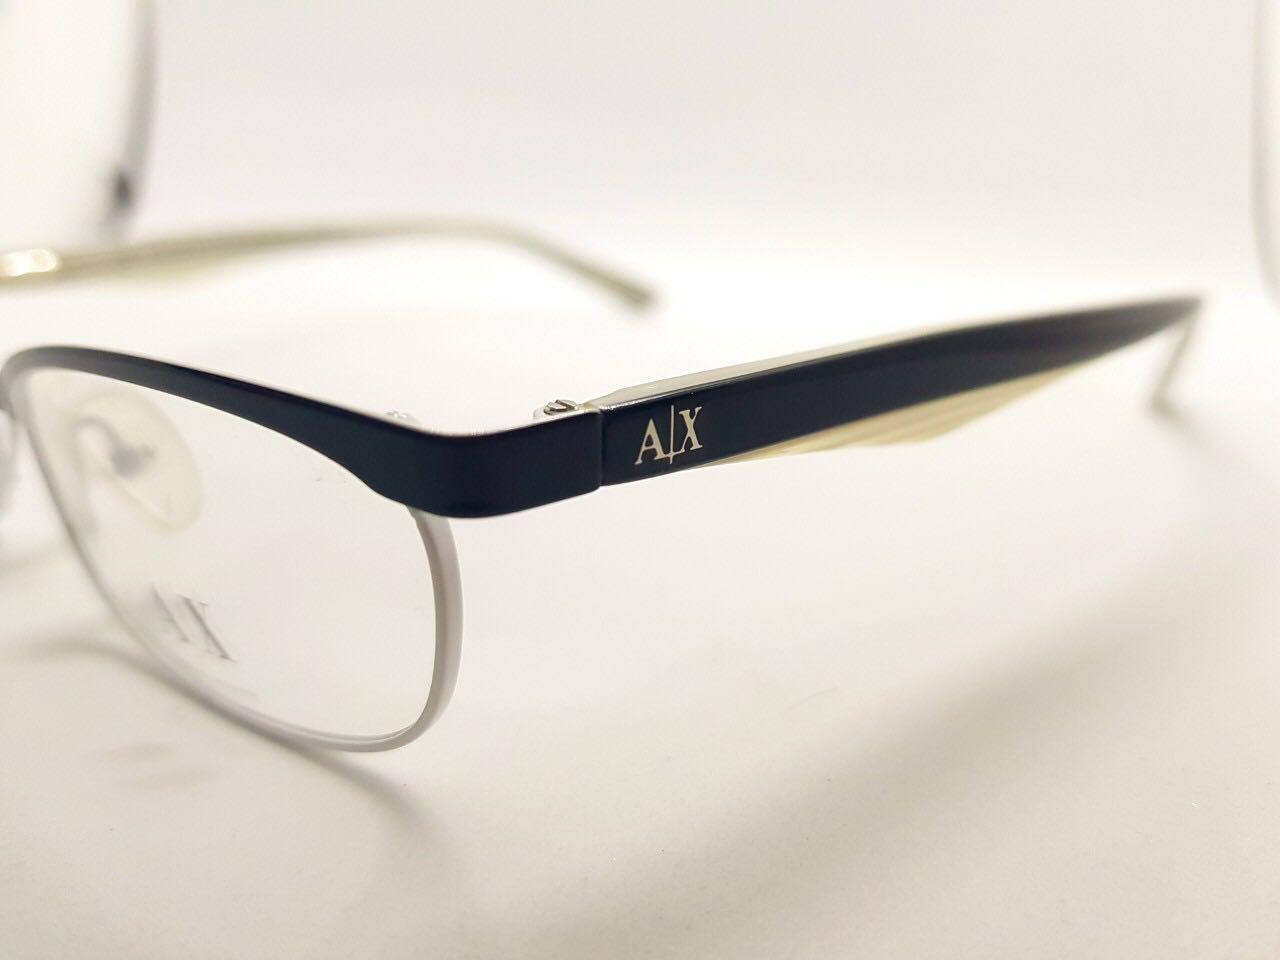 a1599608bfd8 Armani Exchange Eyeglasses AX228